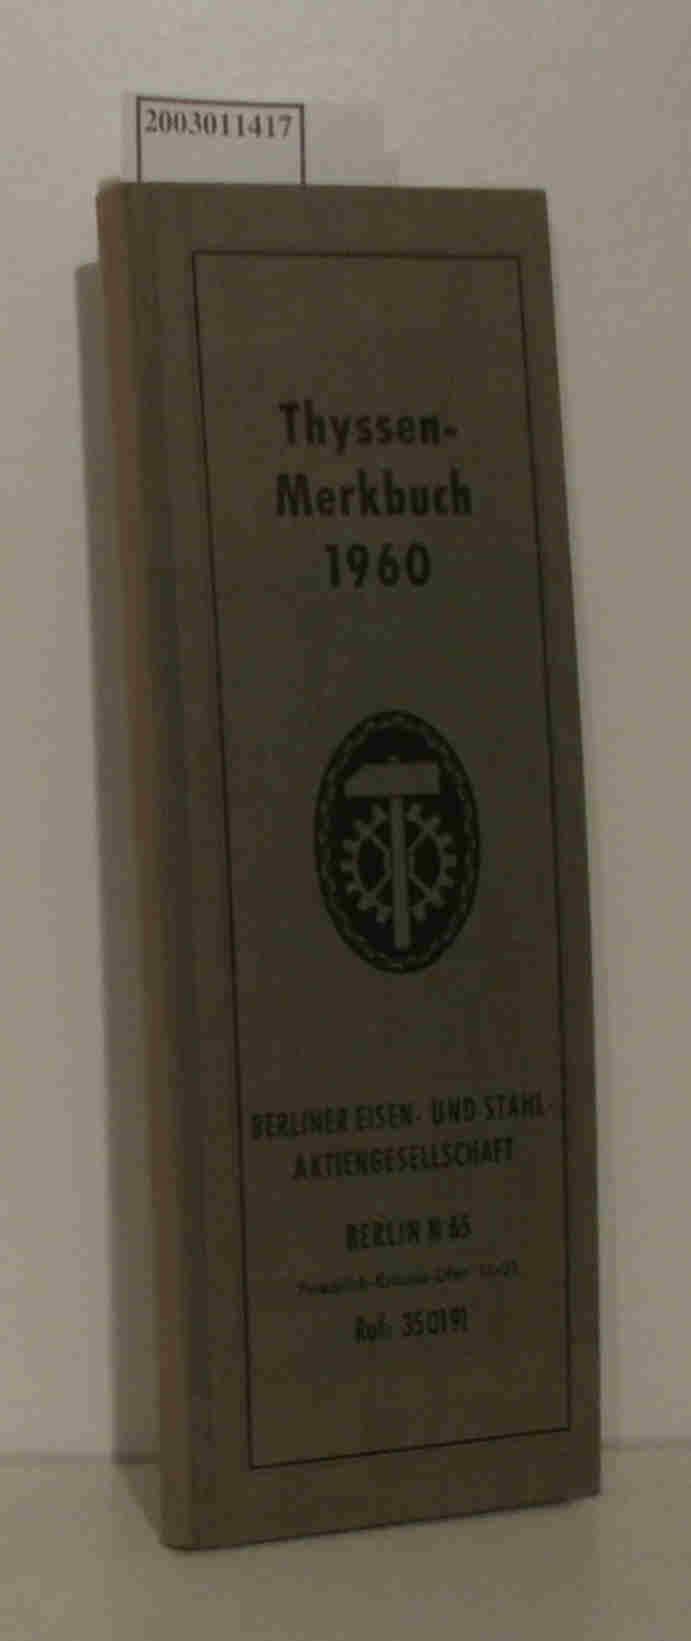 Thyssen Merkbuch 1960 Kalendar 1960 mit großem: Berliner Eisen- und